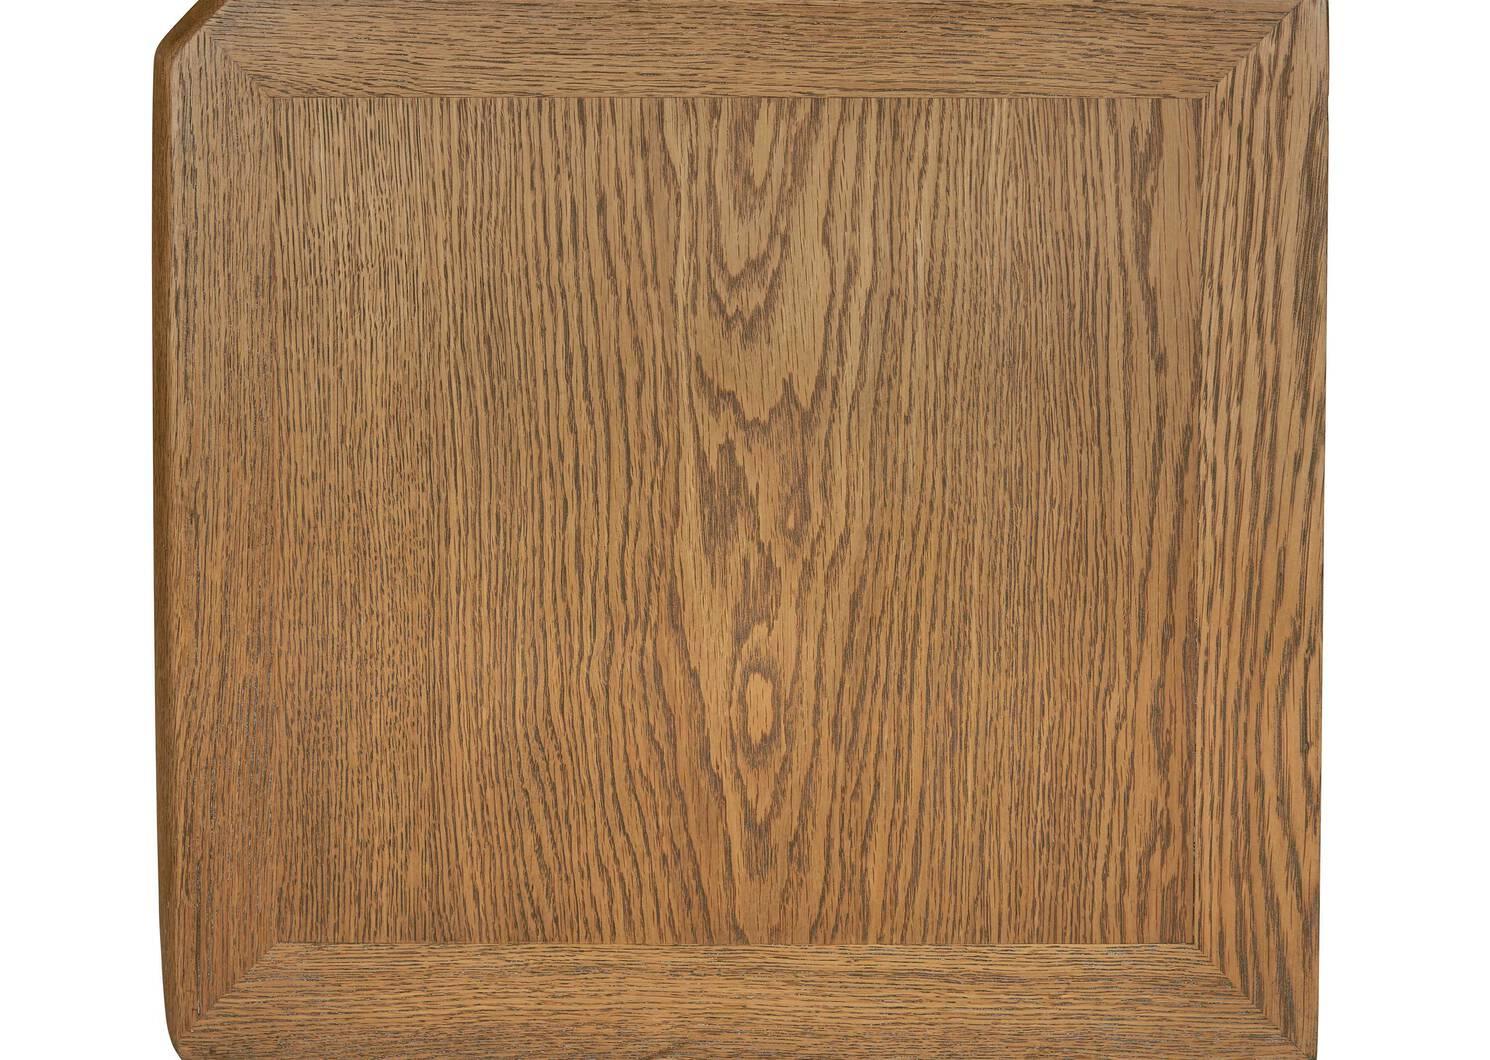 Table de chevet Finley -Jenna chêne